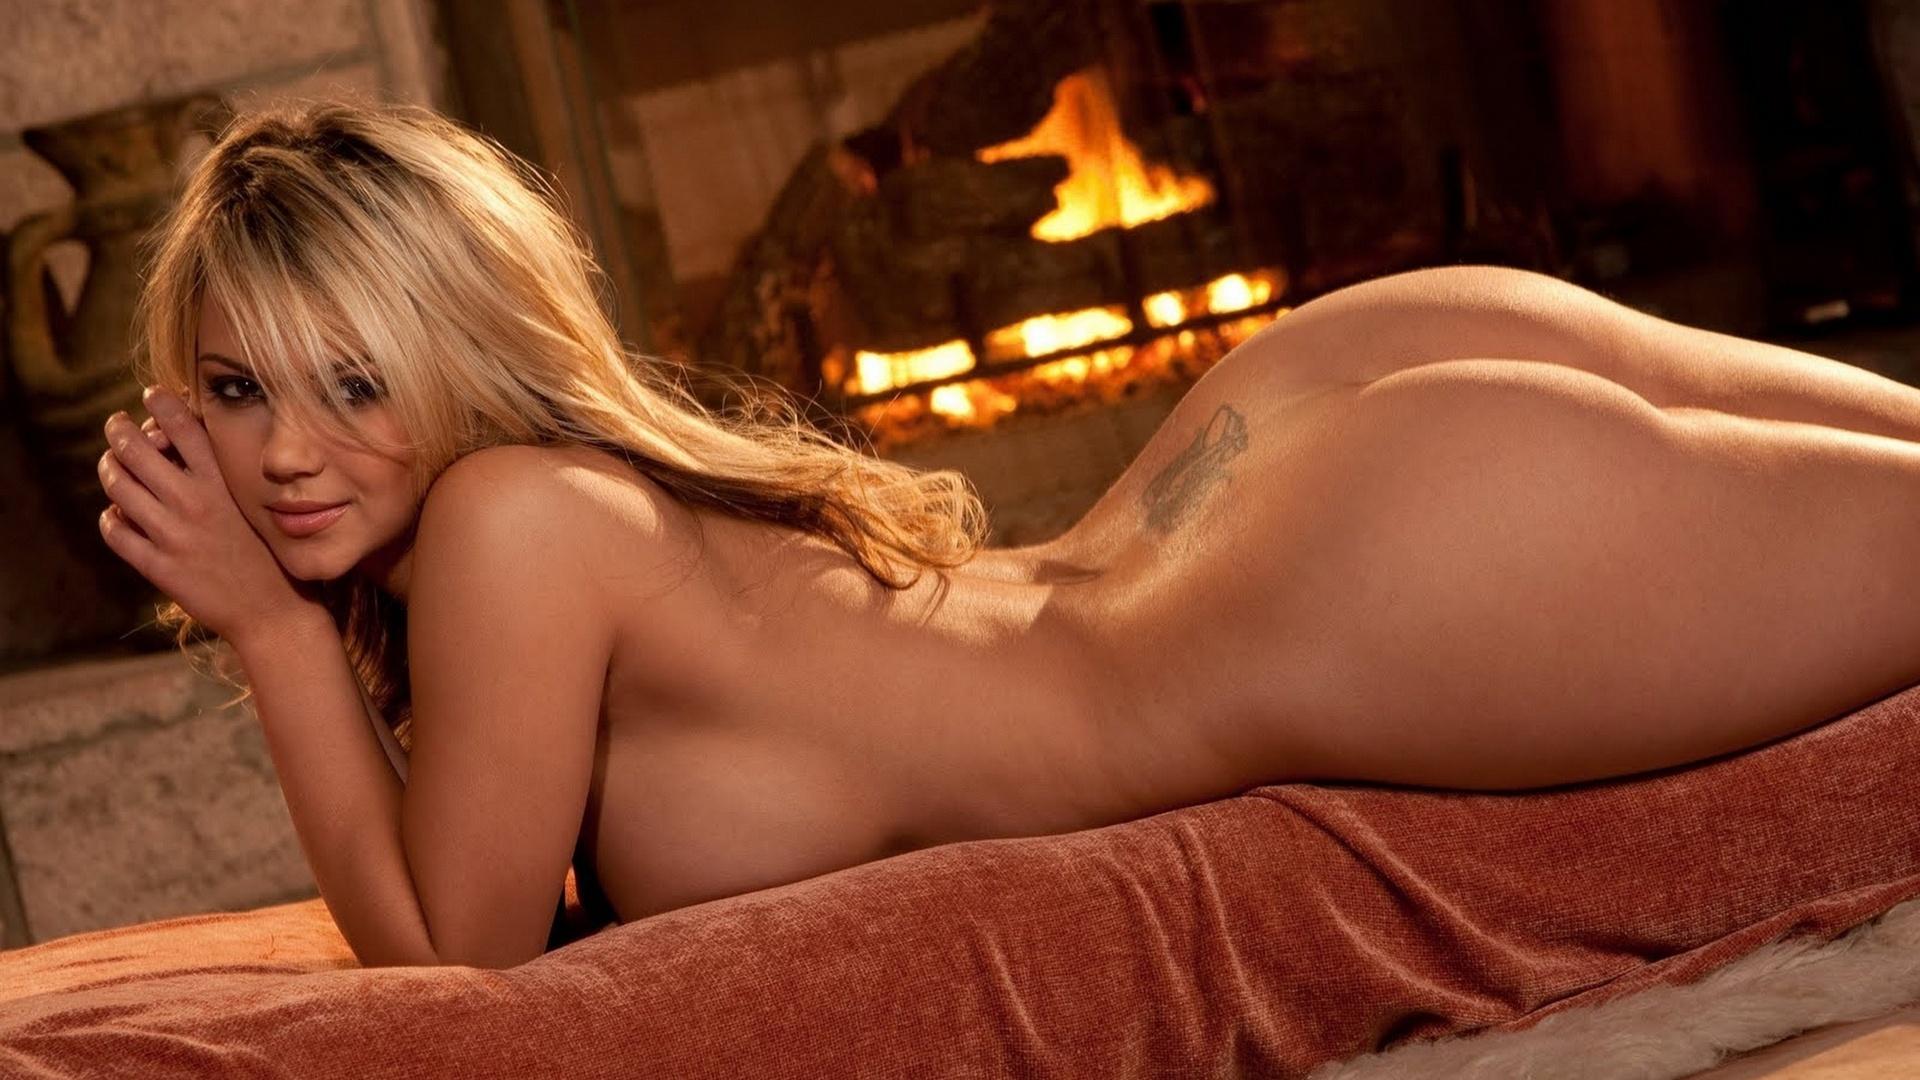 самые красивые лесбиянки мира эшли брукер